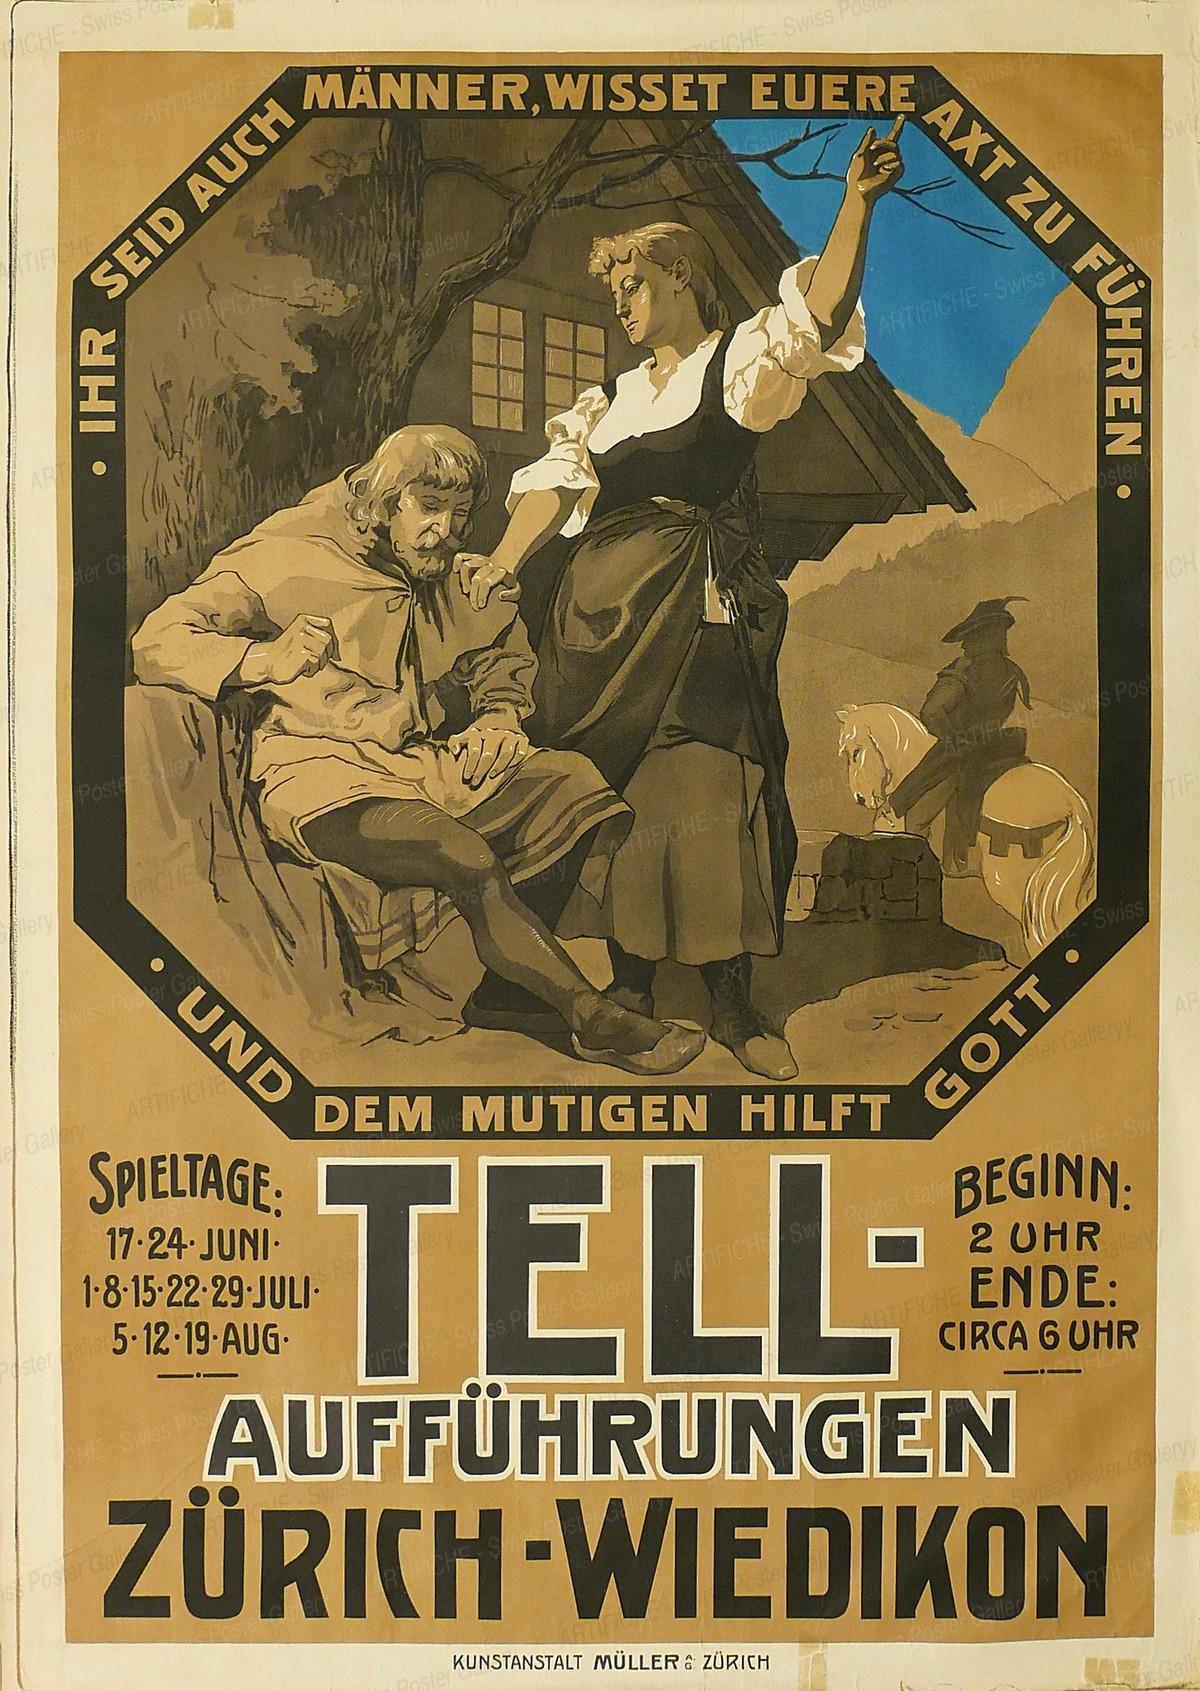 Tell Theatre Zurich Wiedikon, Isler